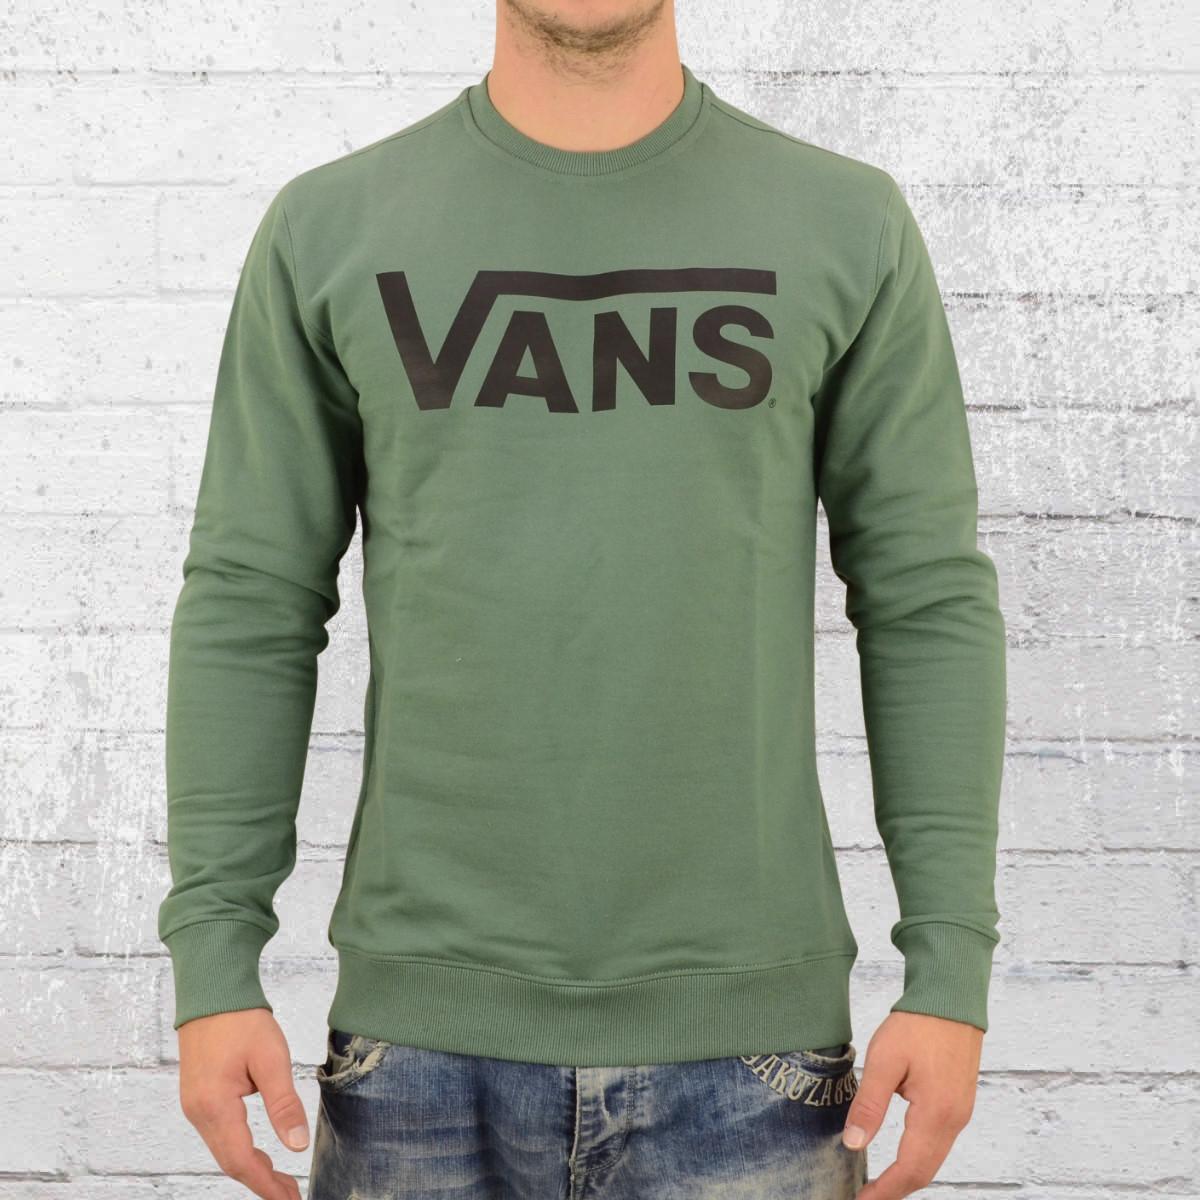 Vans Herren Sweater Classic Crew grün